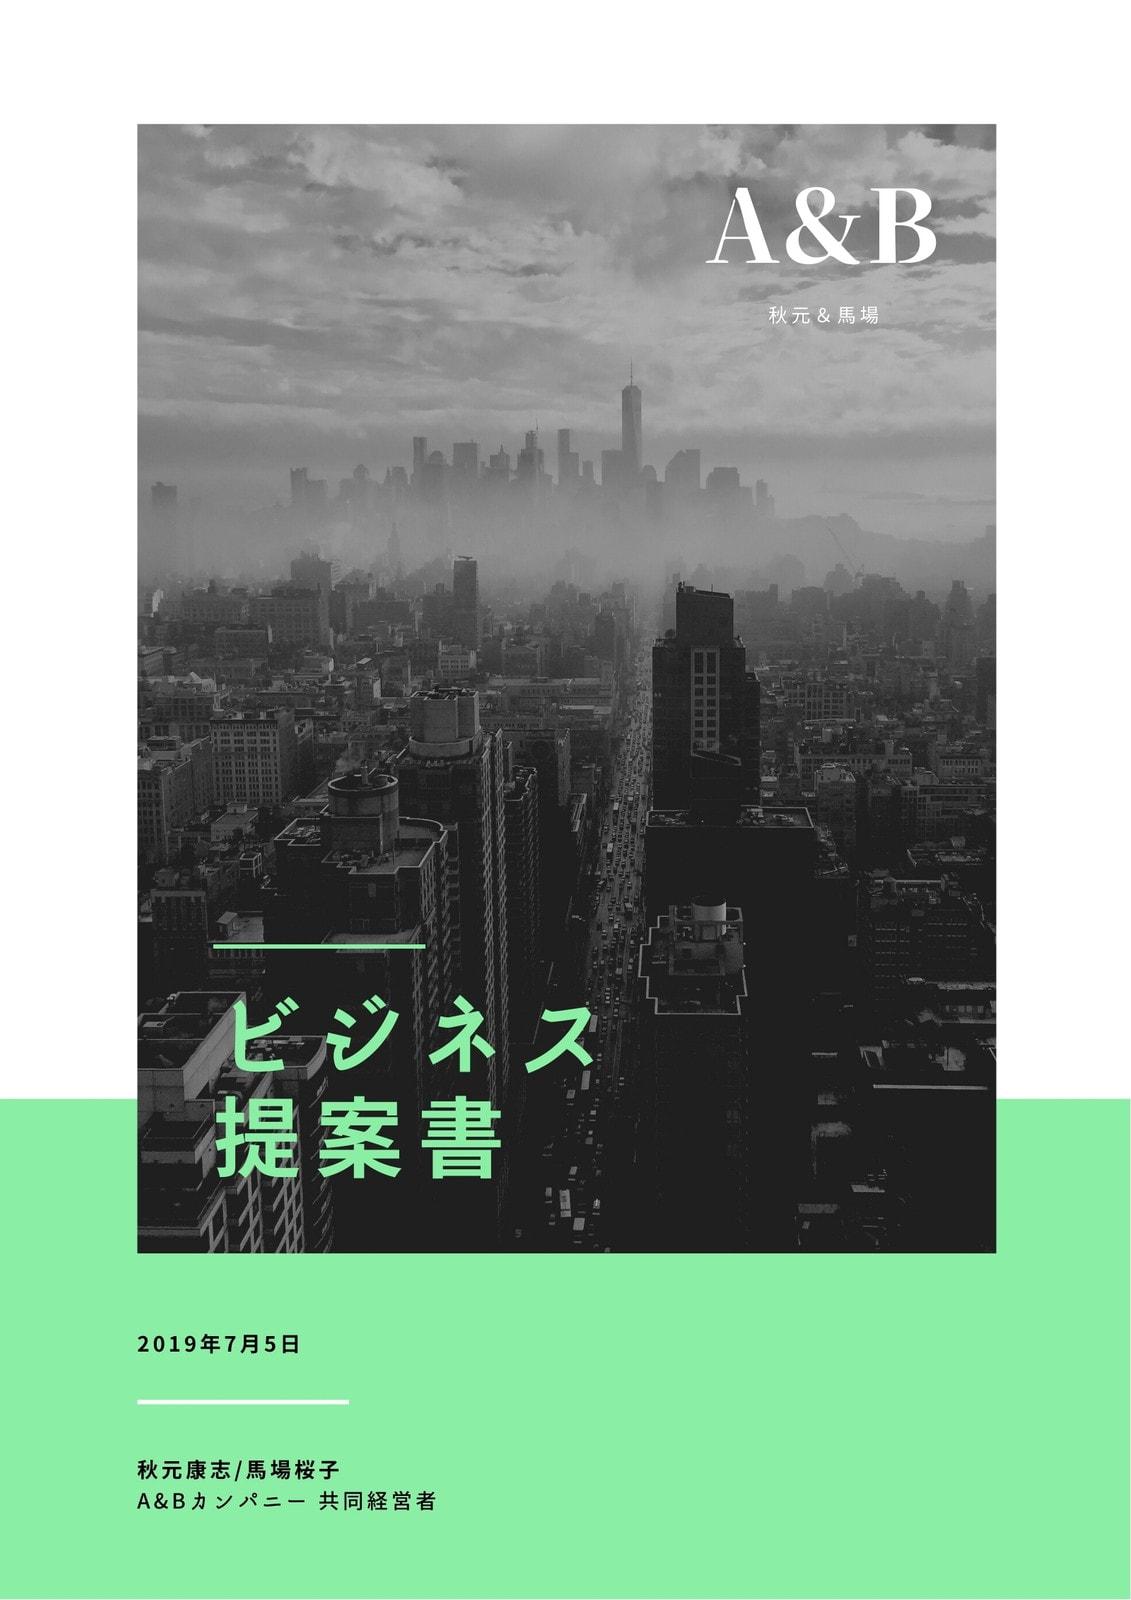 白と黒と緑 写真 ビジネス 提案書